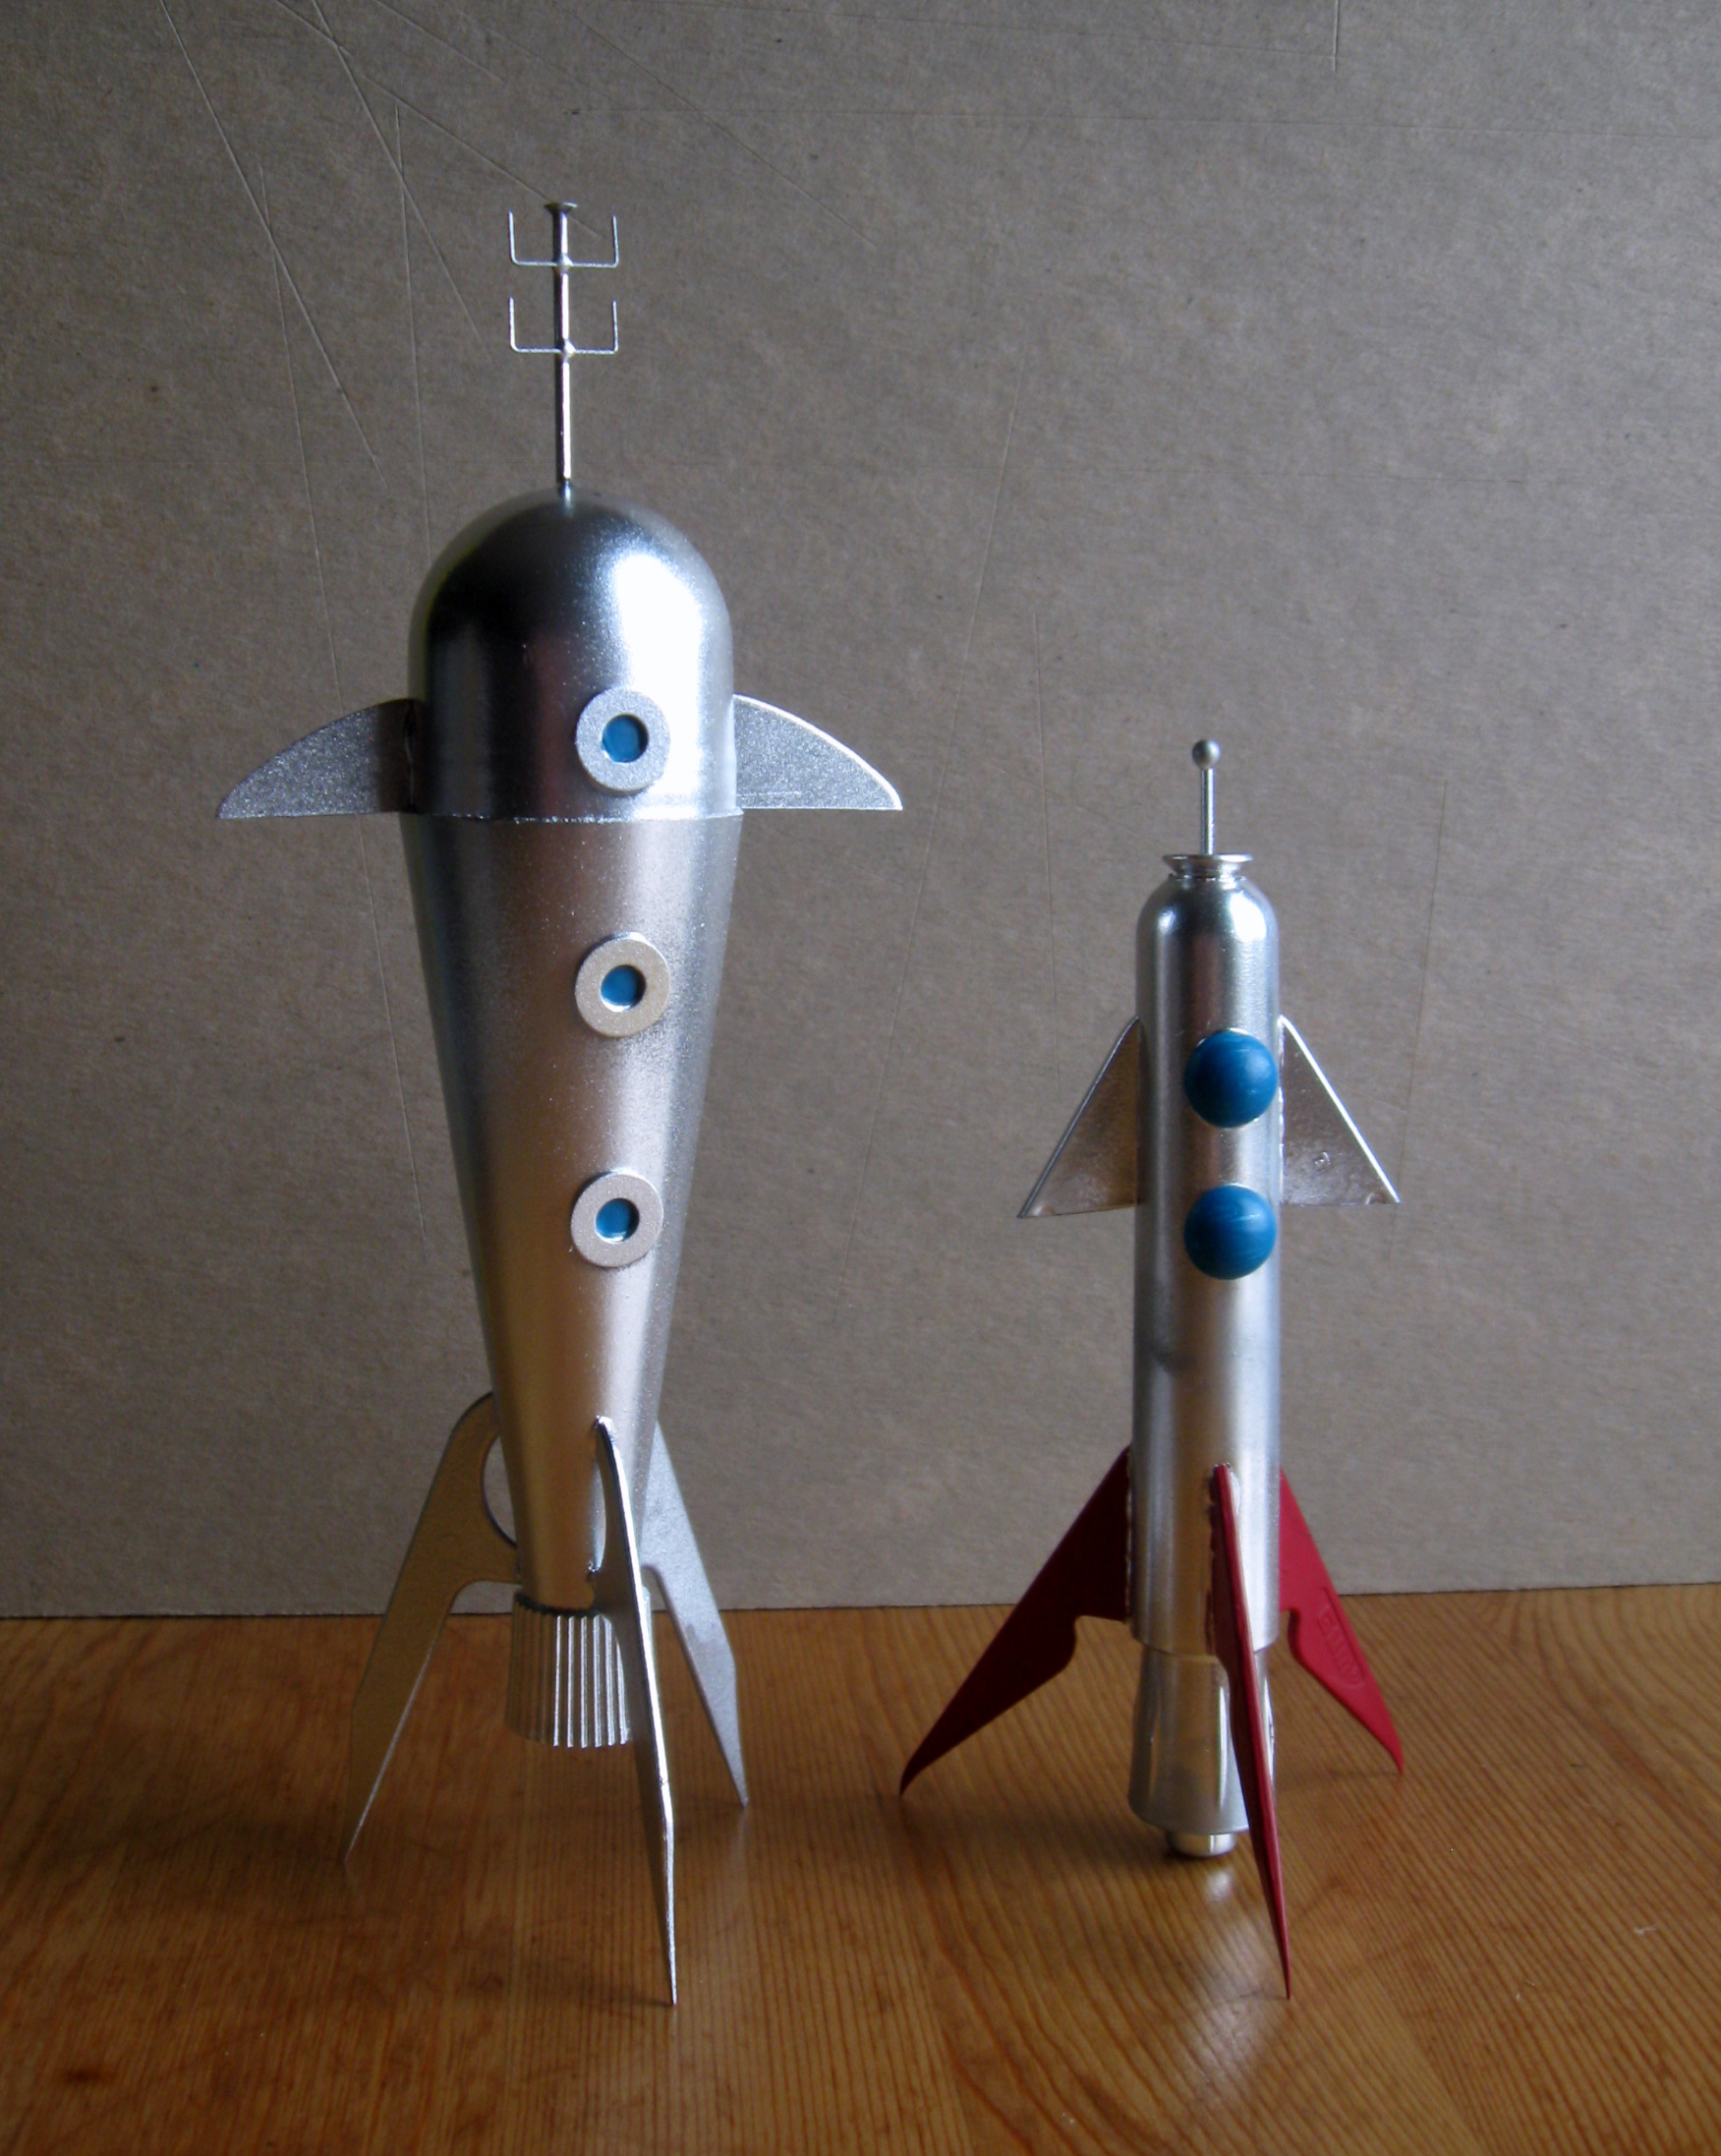 'Retro' Rockets